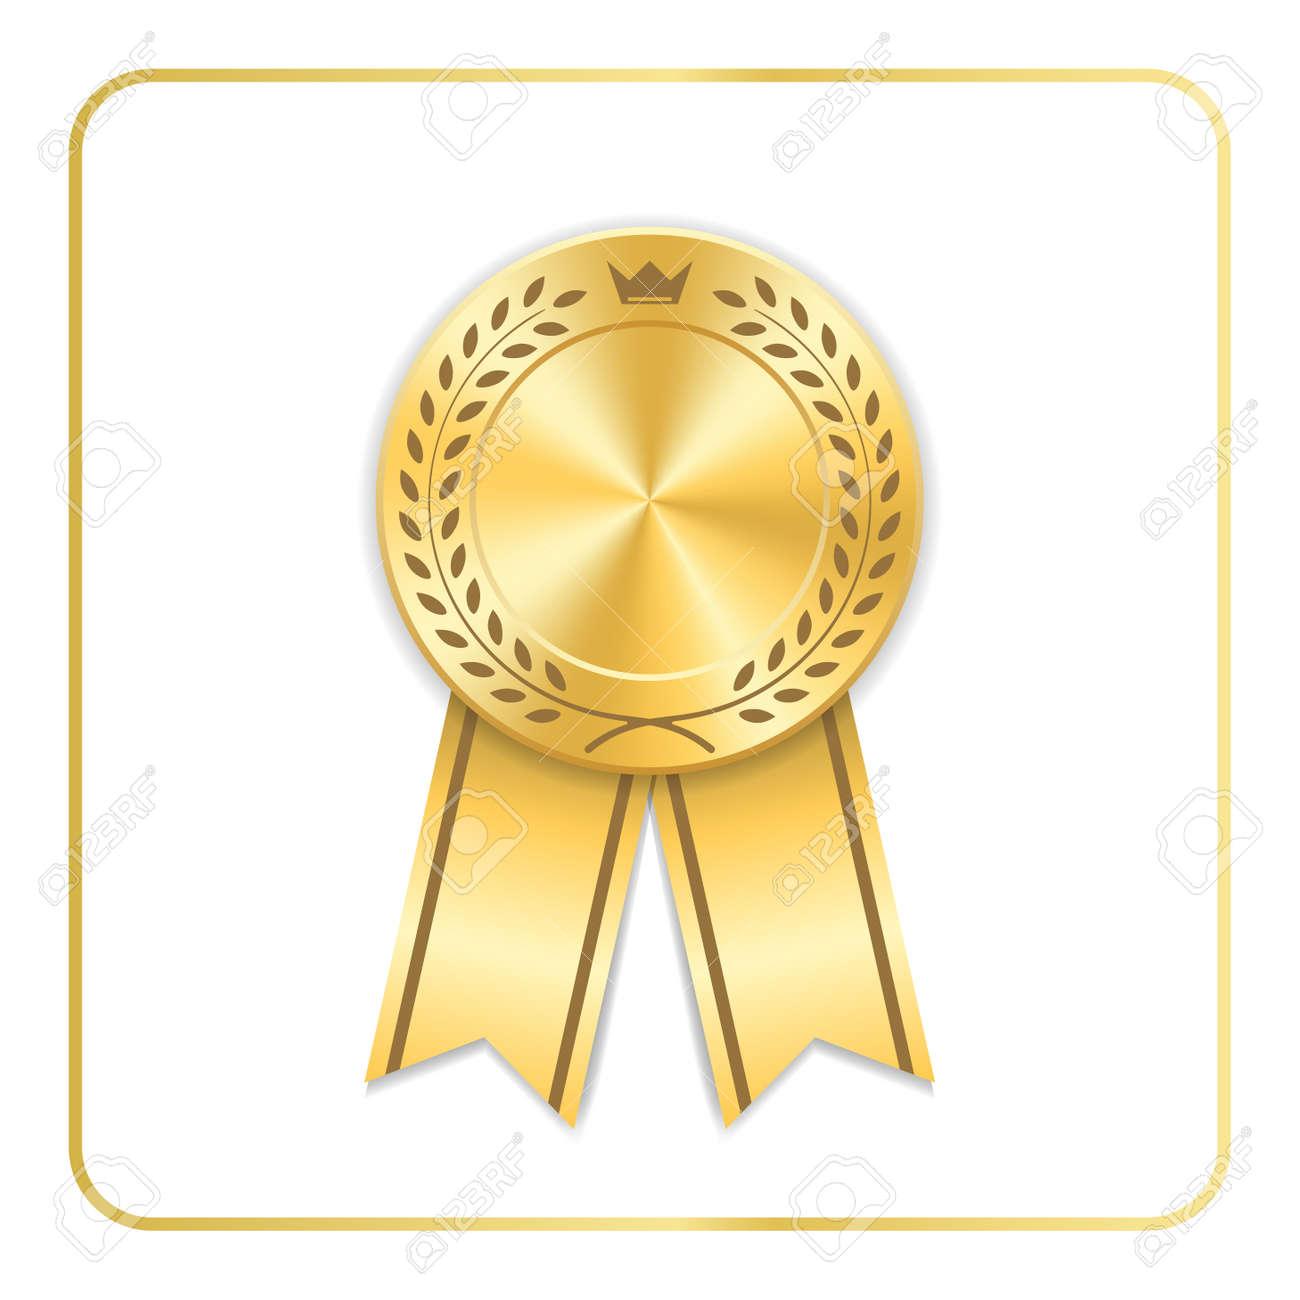 Perfect Archivio Fotografico   Icona Del Nastro Du0027oro Del Premio. Medaglia In  Bianco Con Corona Di Alloro Su Priorità Bassa Bianca. Timbro Design Trofeo  Rosetta.